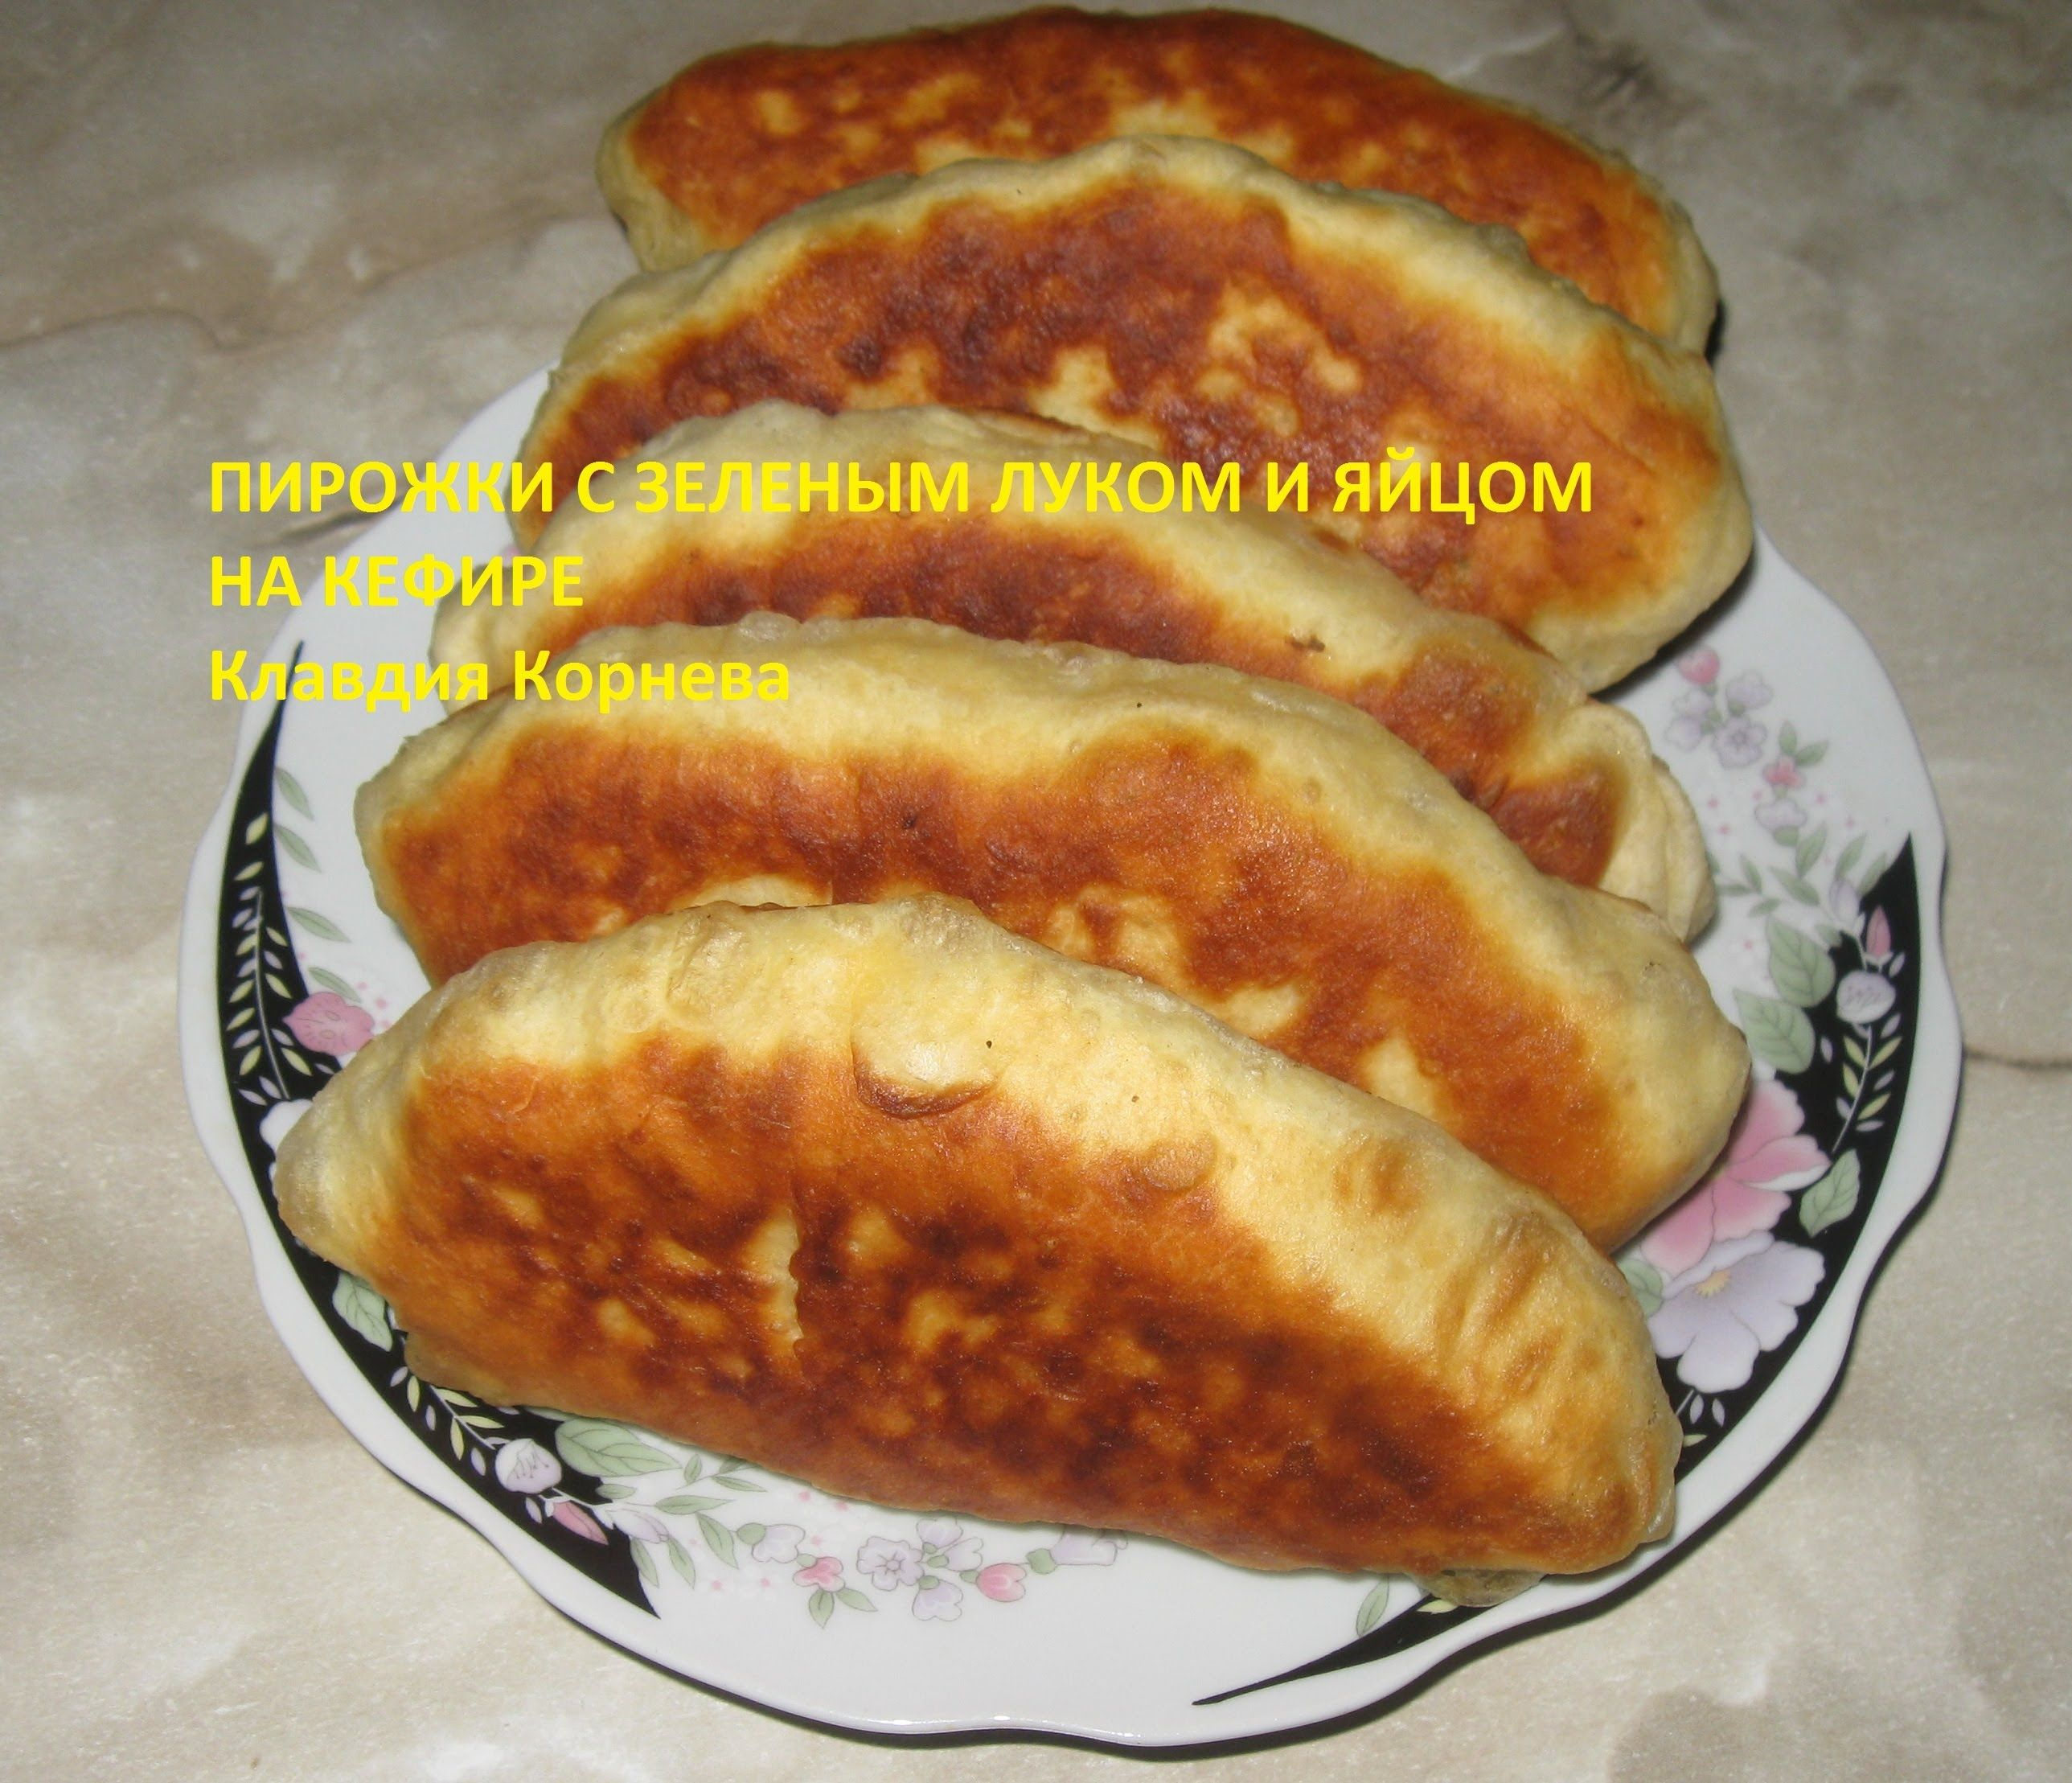 Пирог заливной с луком и яйцом простой рецепт